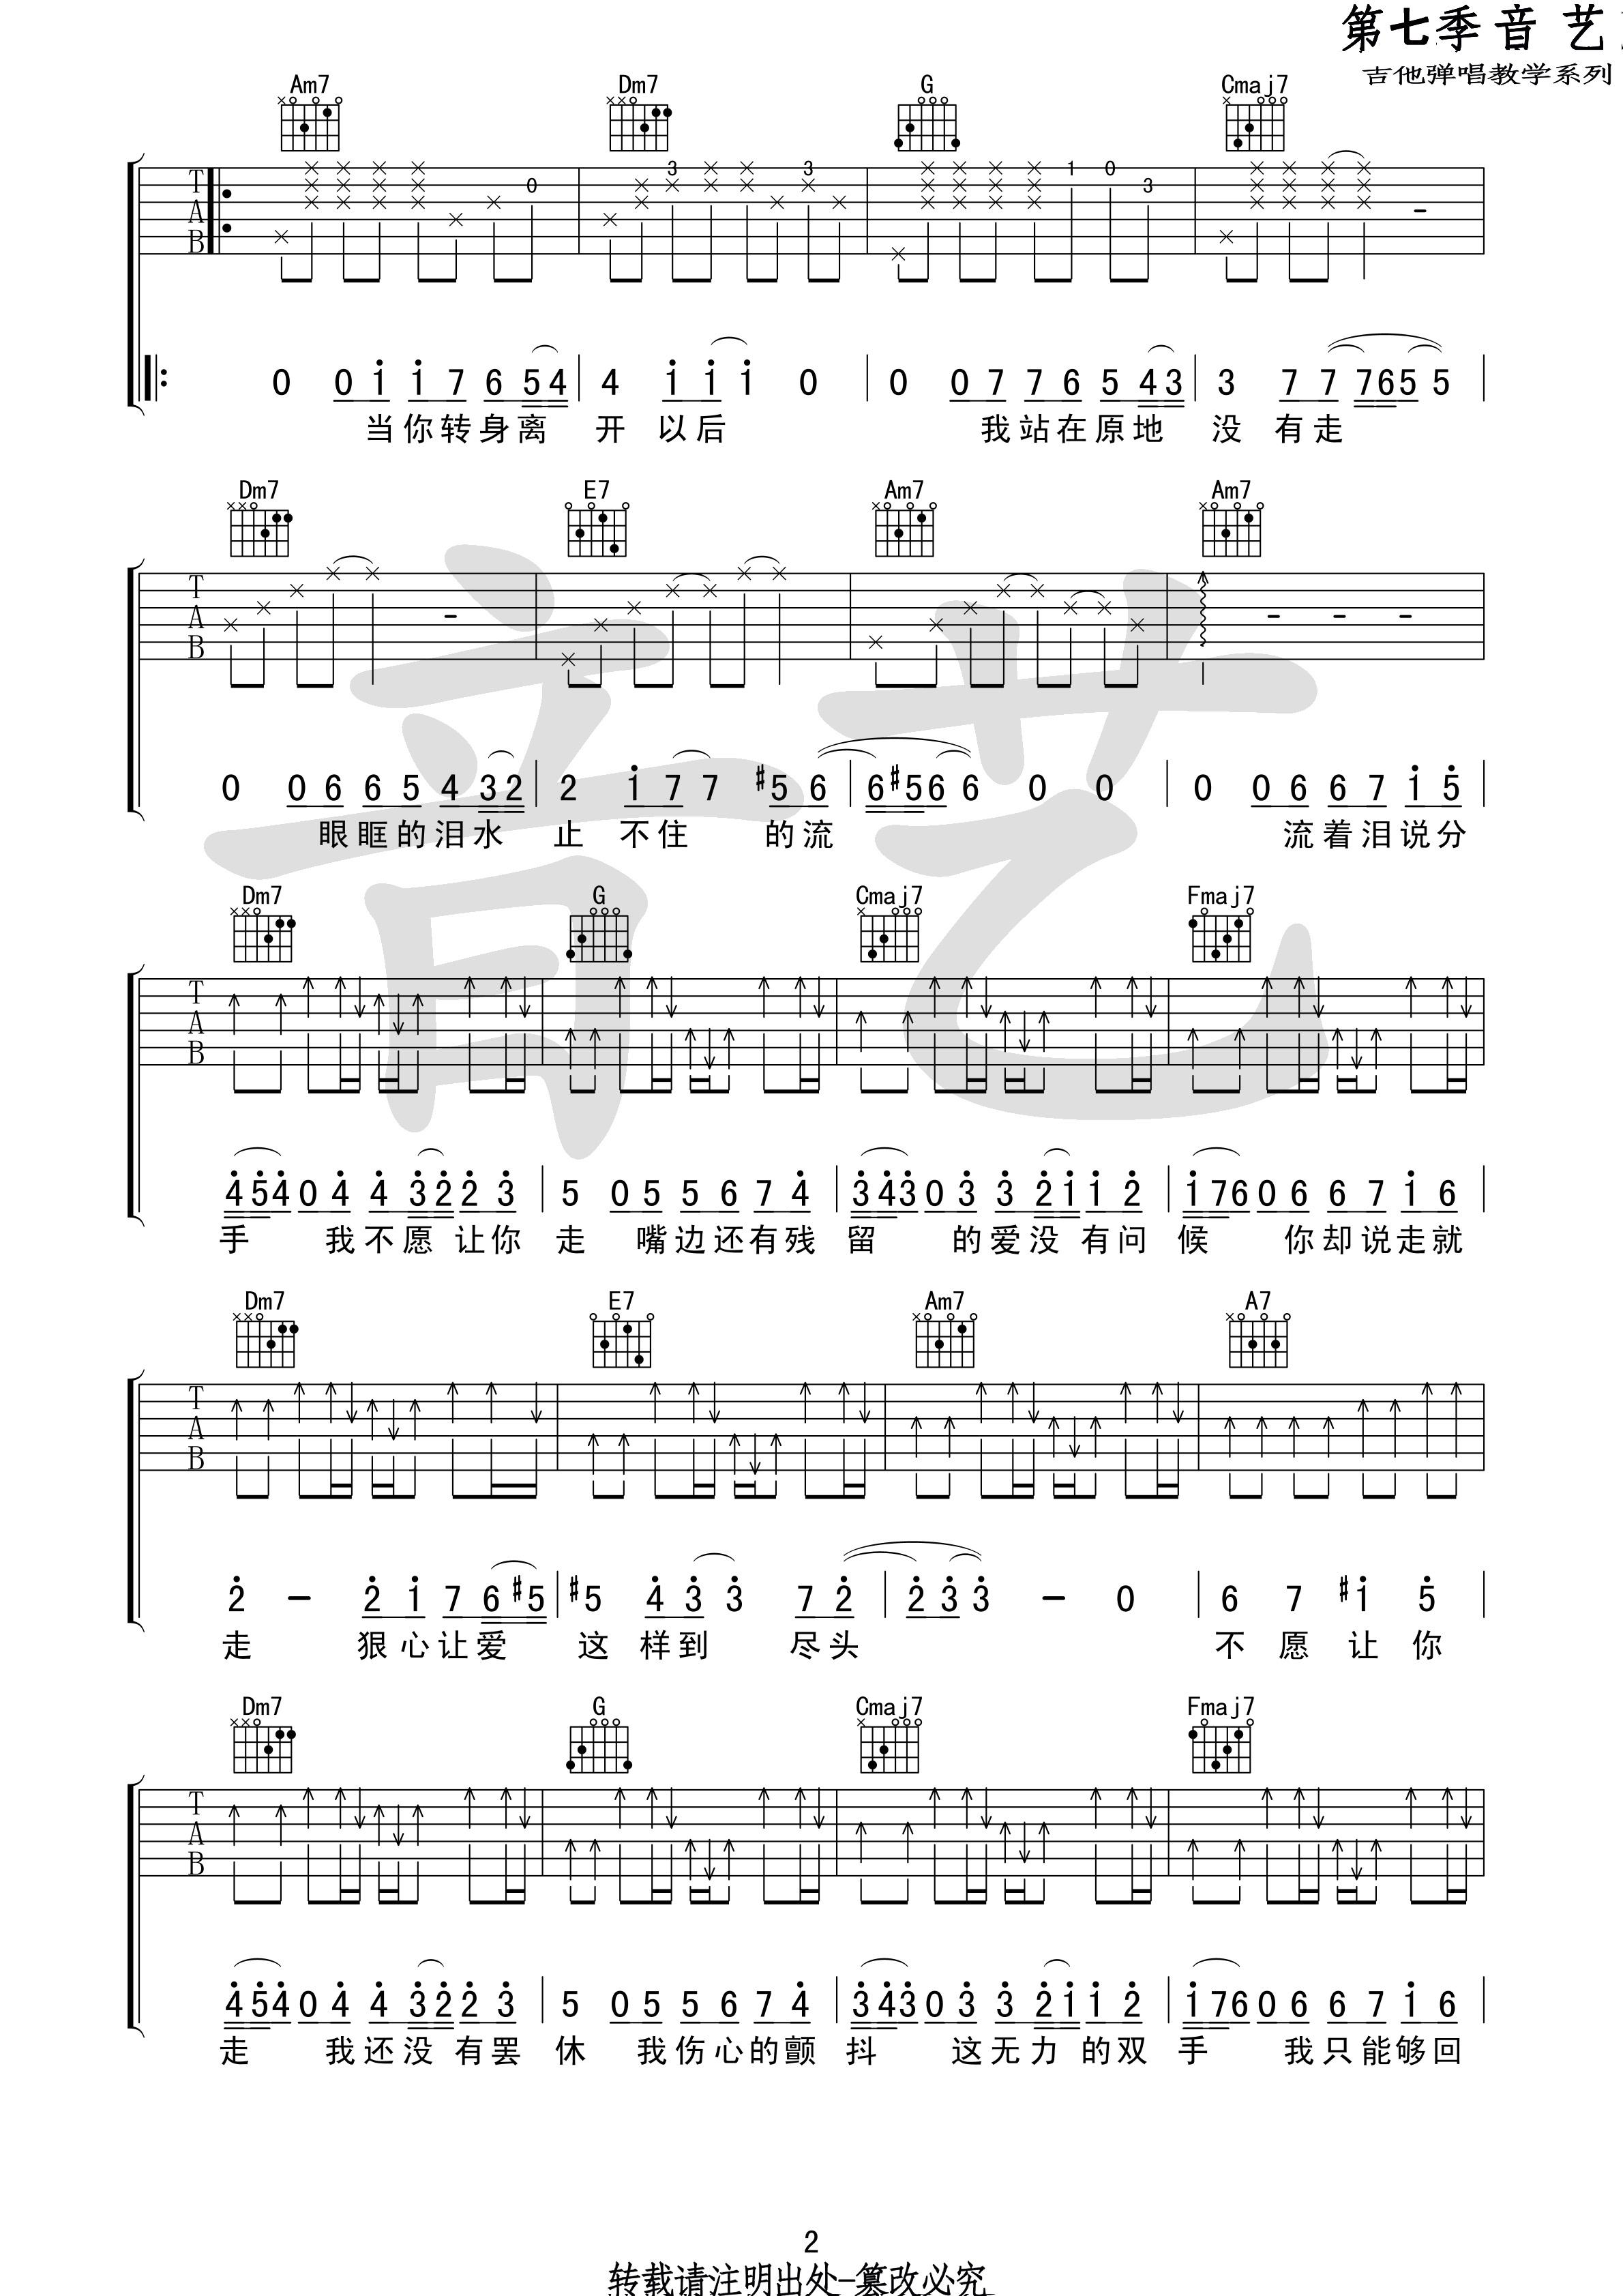 流着泪说分手(音艺吉他弹唱教学:第七季第71集)吉他谱(图片谱,弹唱,伴奏,音艺吉他弹唱教学)_金志文(小文;兄弟小文)_流着泪说分手2 第七季第七十一集.jpg